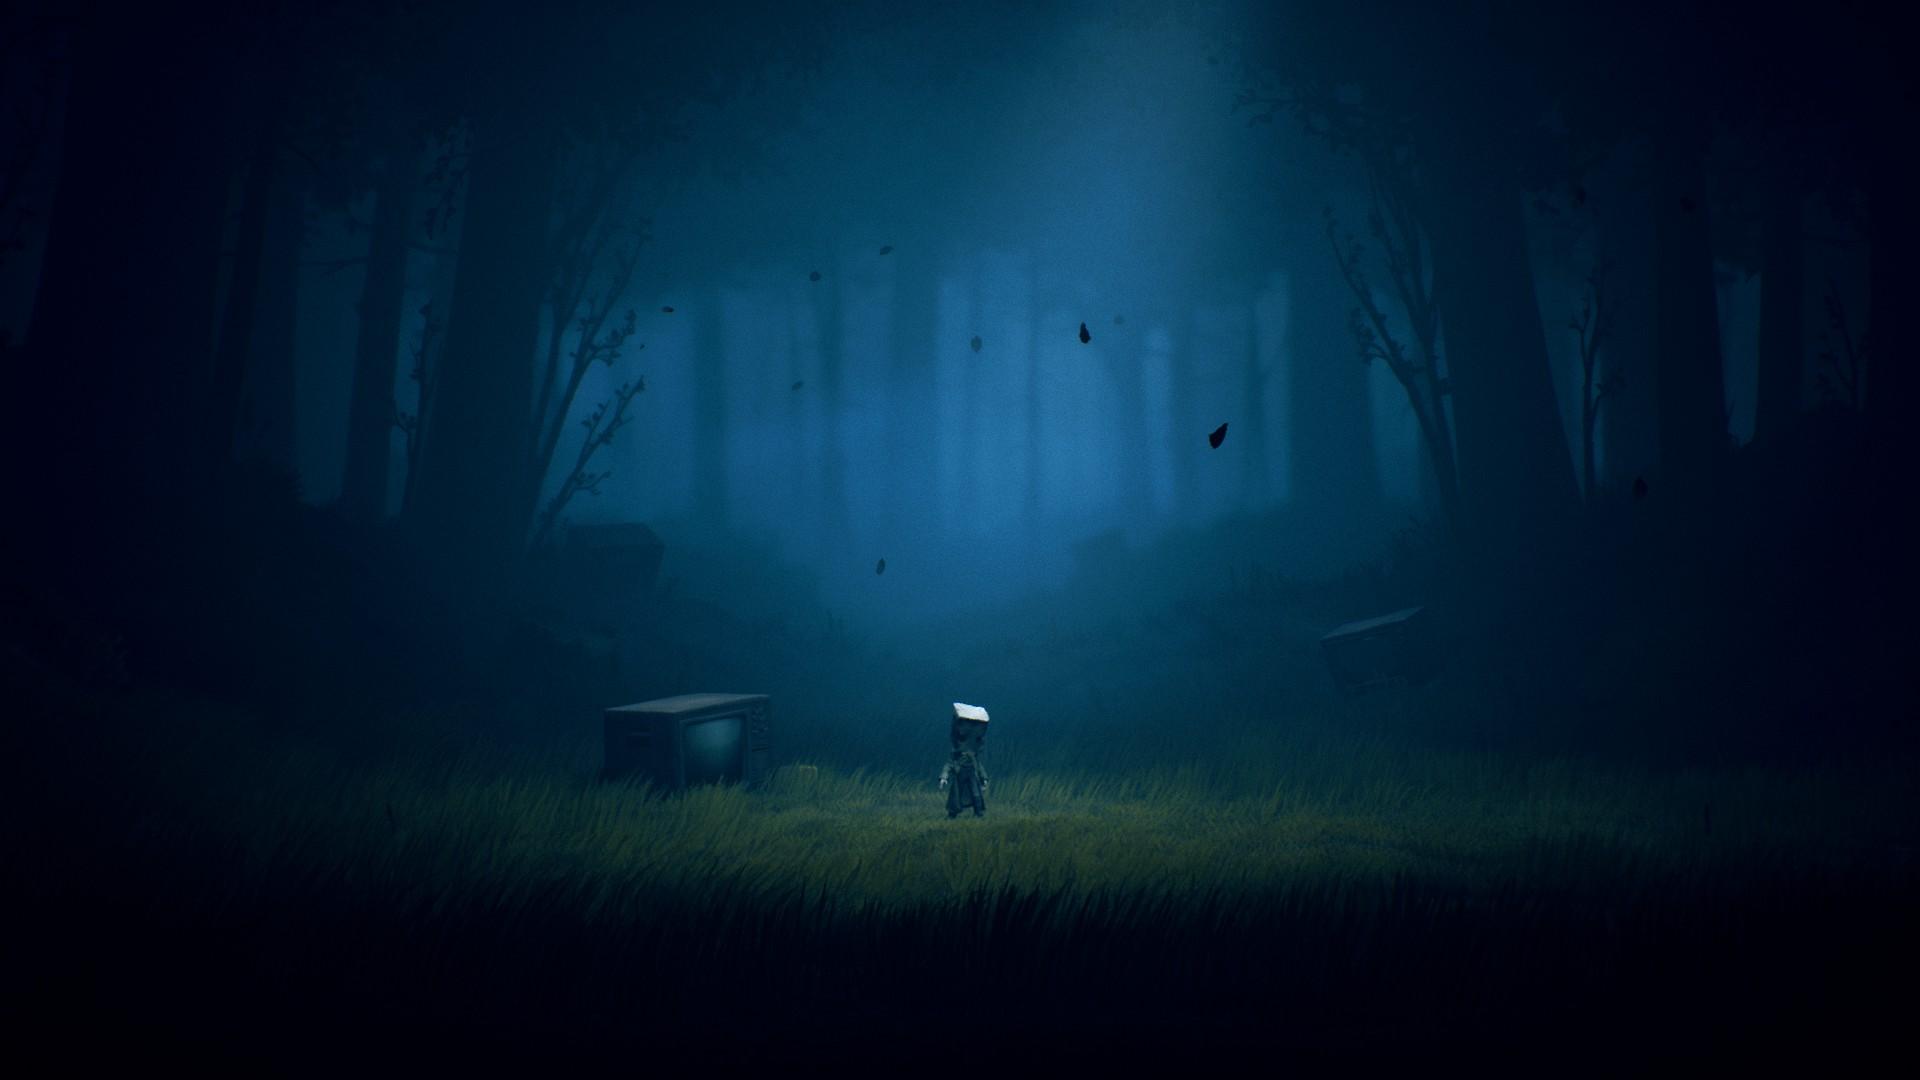 [Primeras impresiones] Little Nightmares 2 (demo)